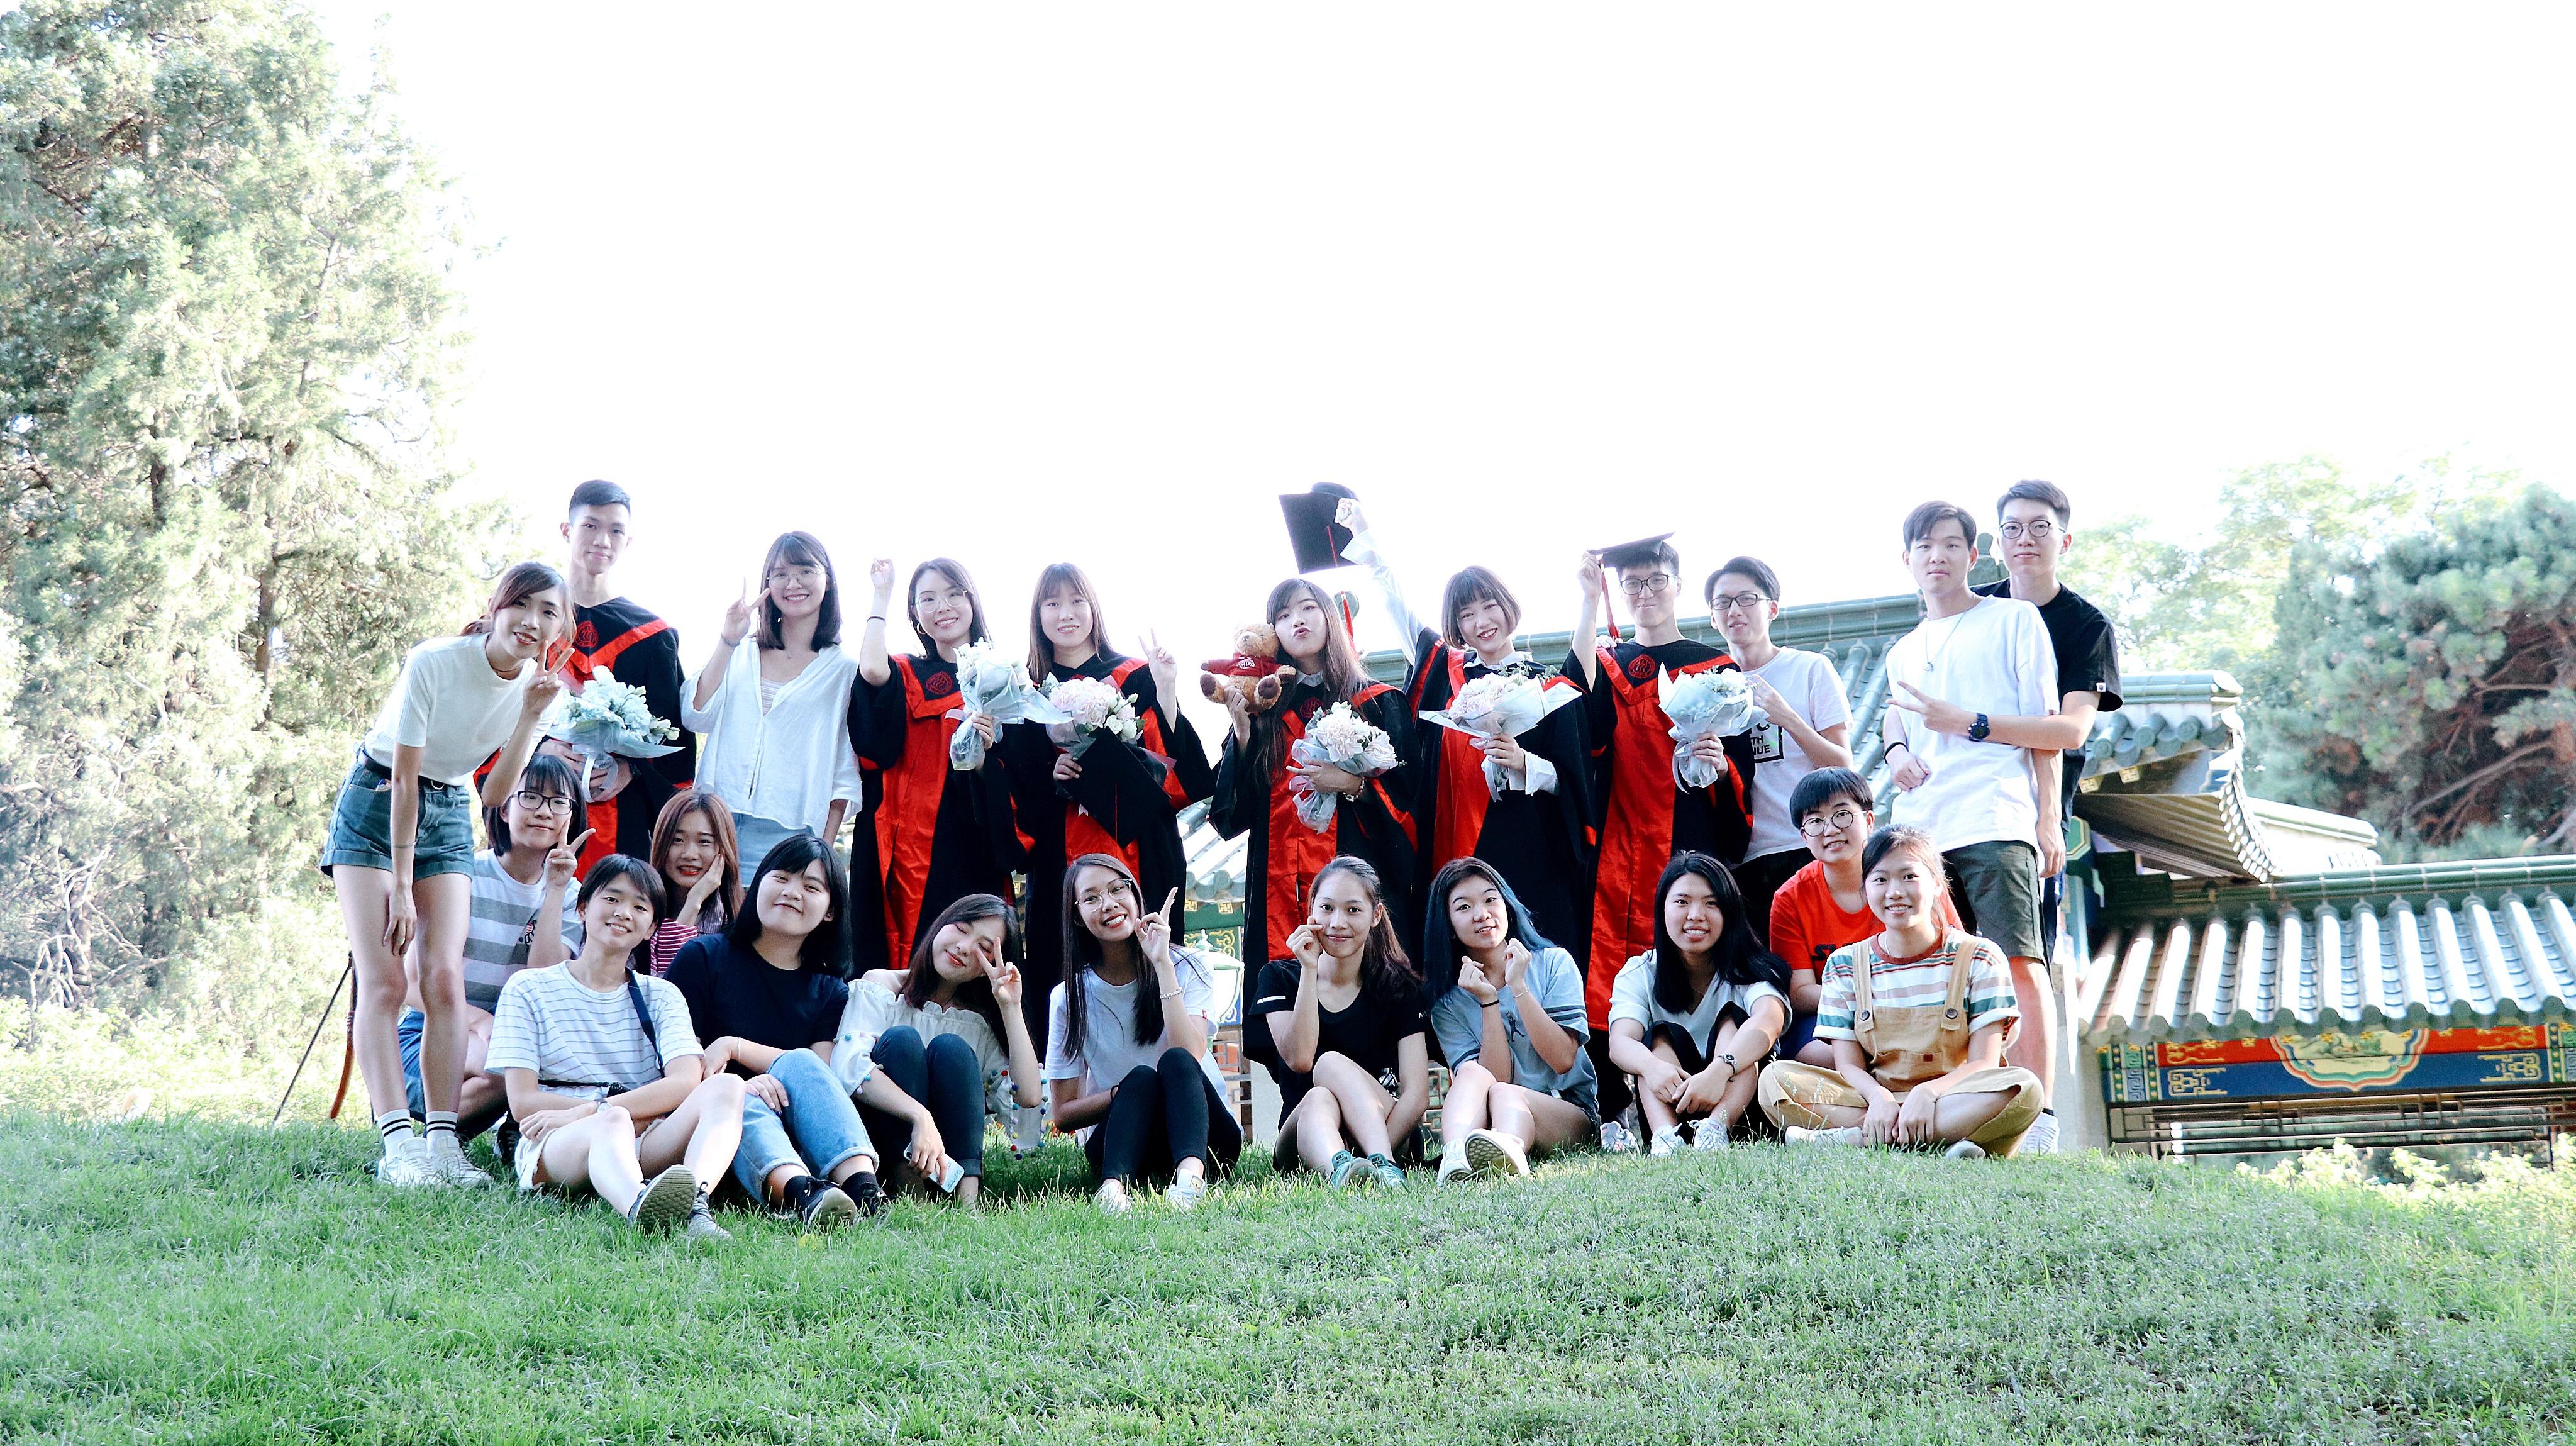 006_參加人大師兄、師姐的畢業照拍攝活動